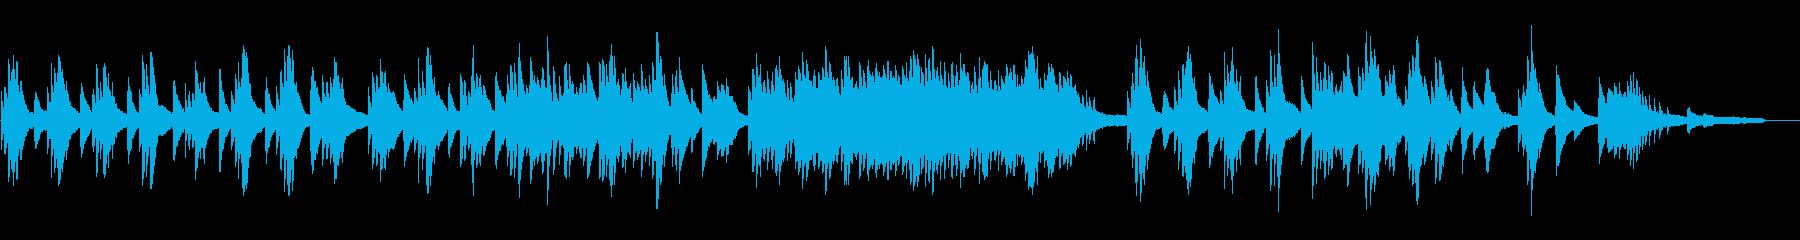 途絶えた雰囲気の温もりのあるピアノソロの再生済みの波形